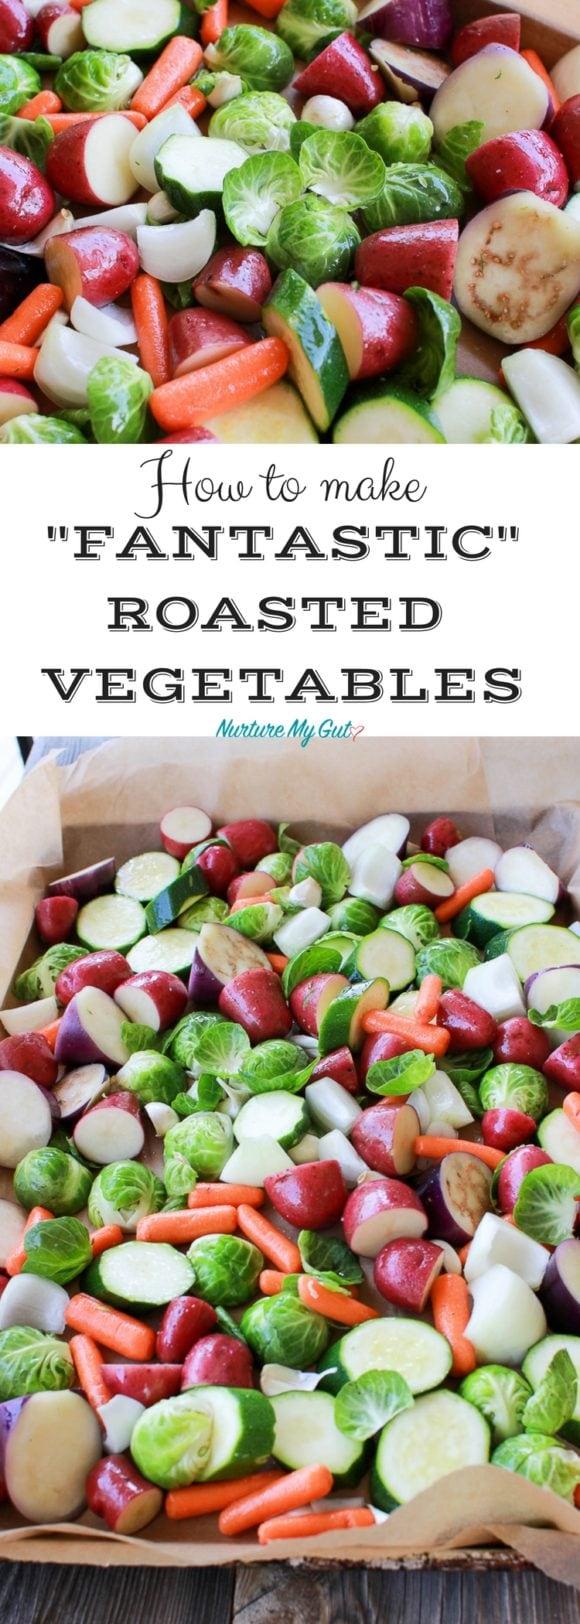 fantastic roasted vegetables